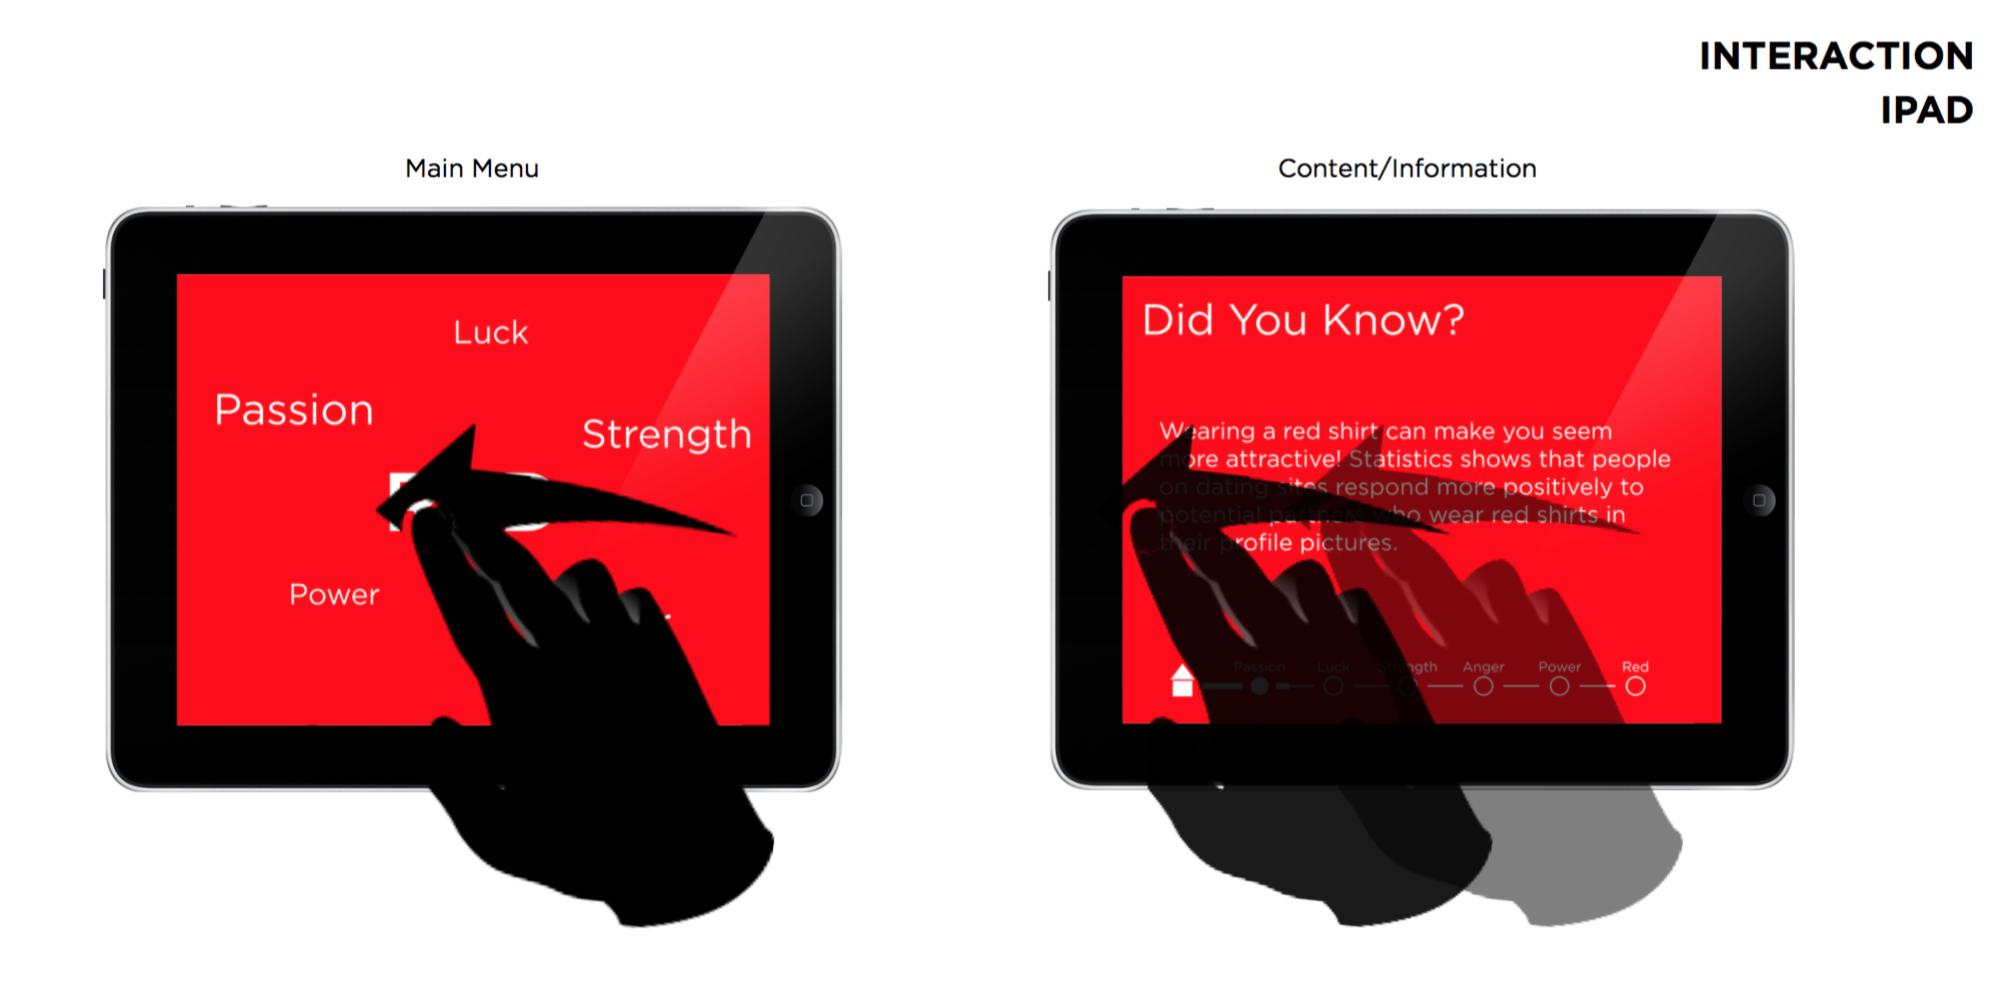 iPad App v1 Interaction